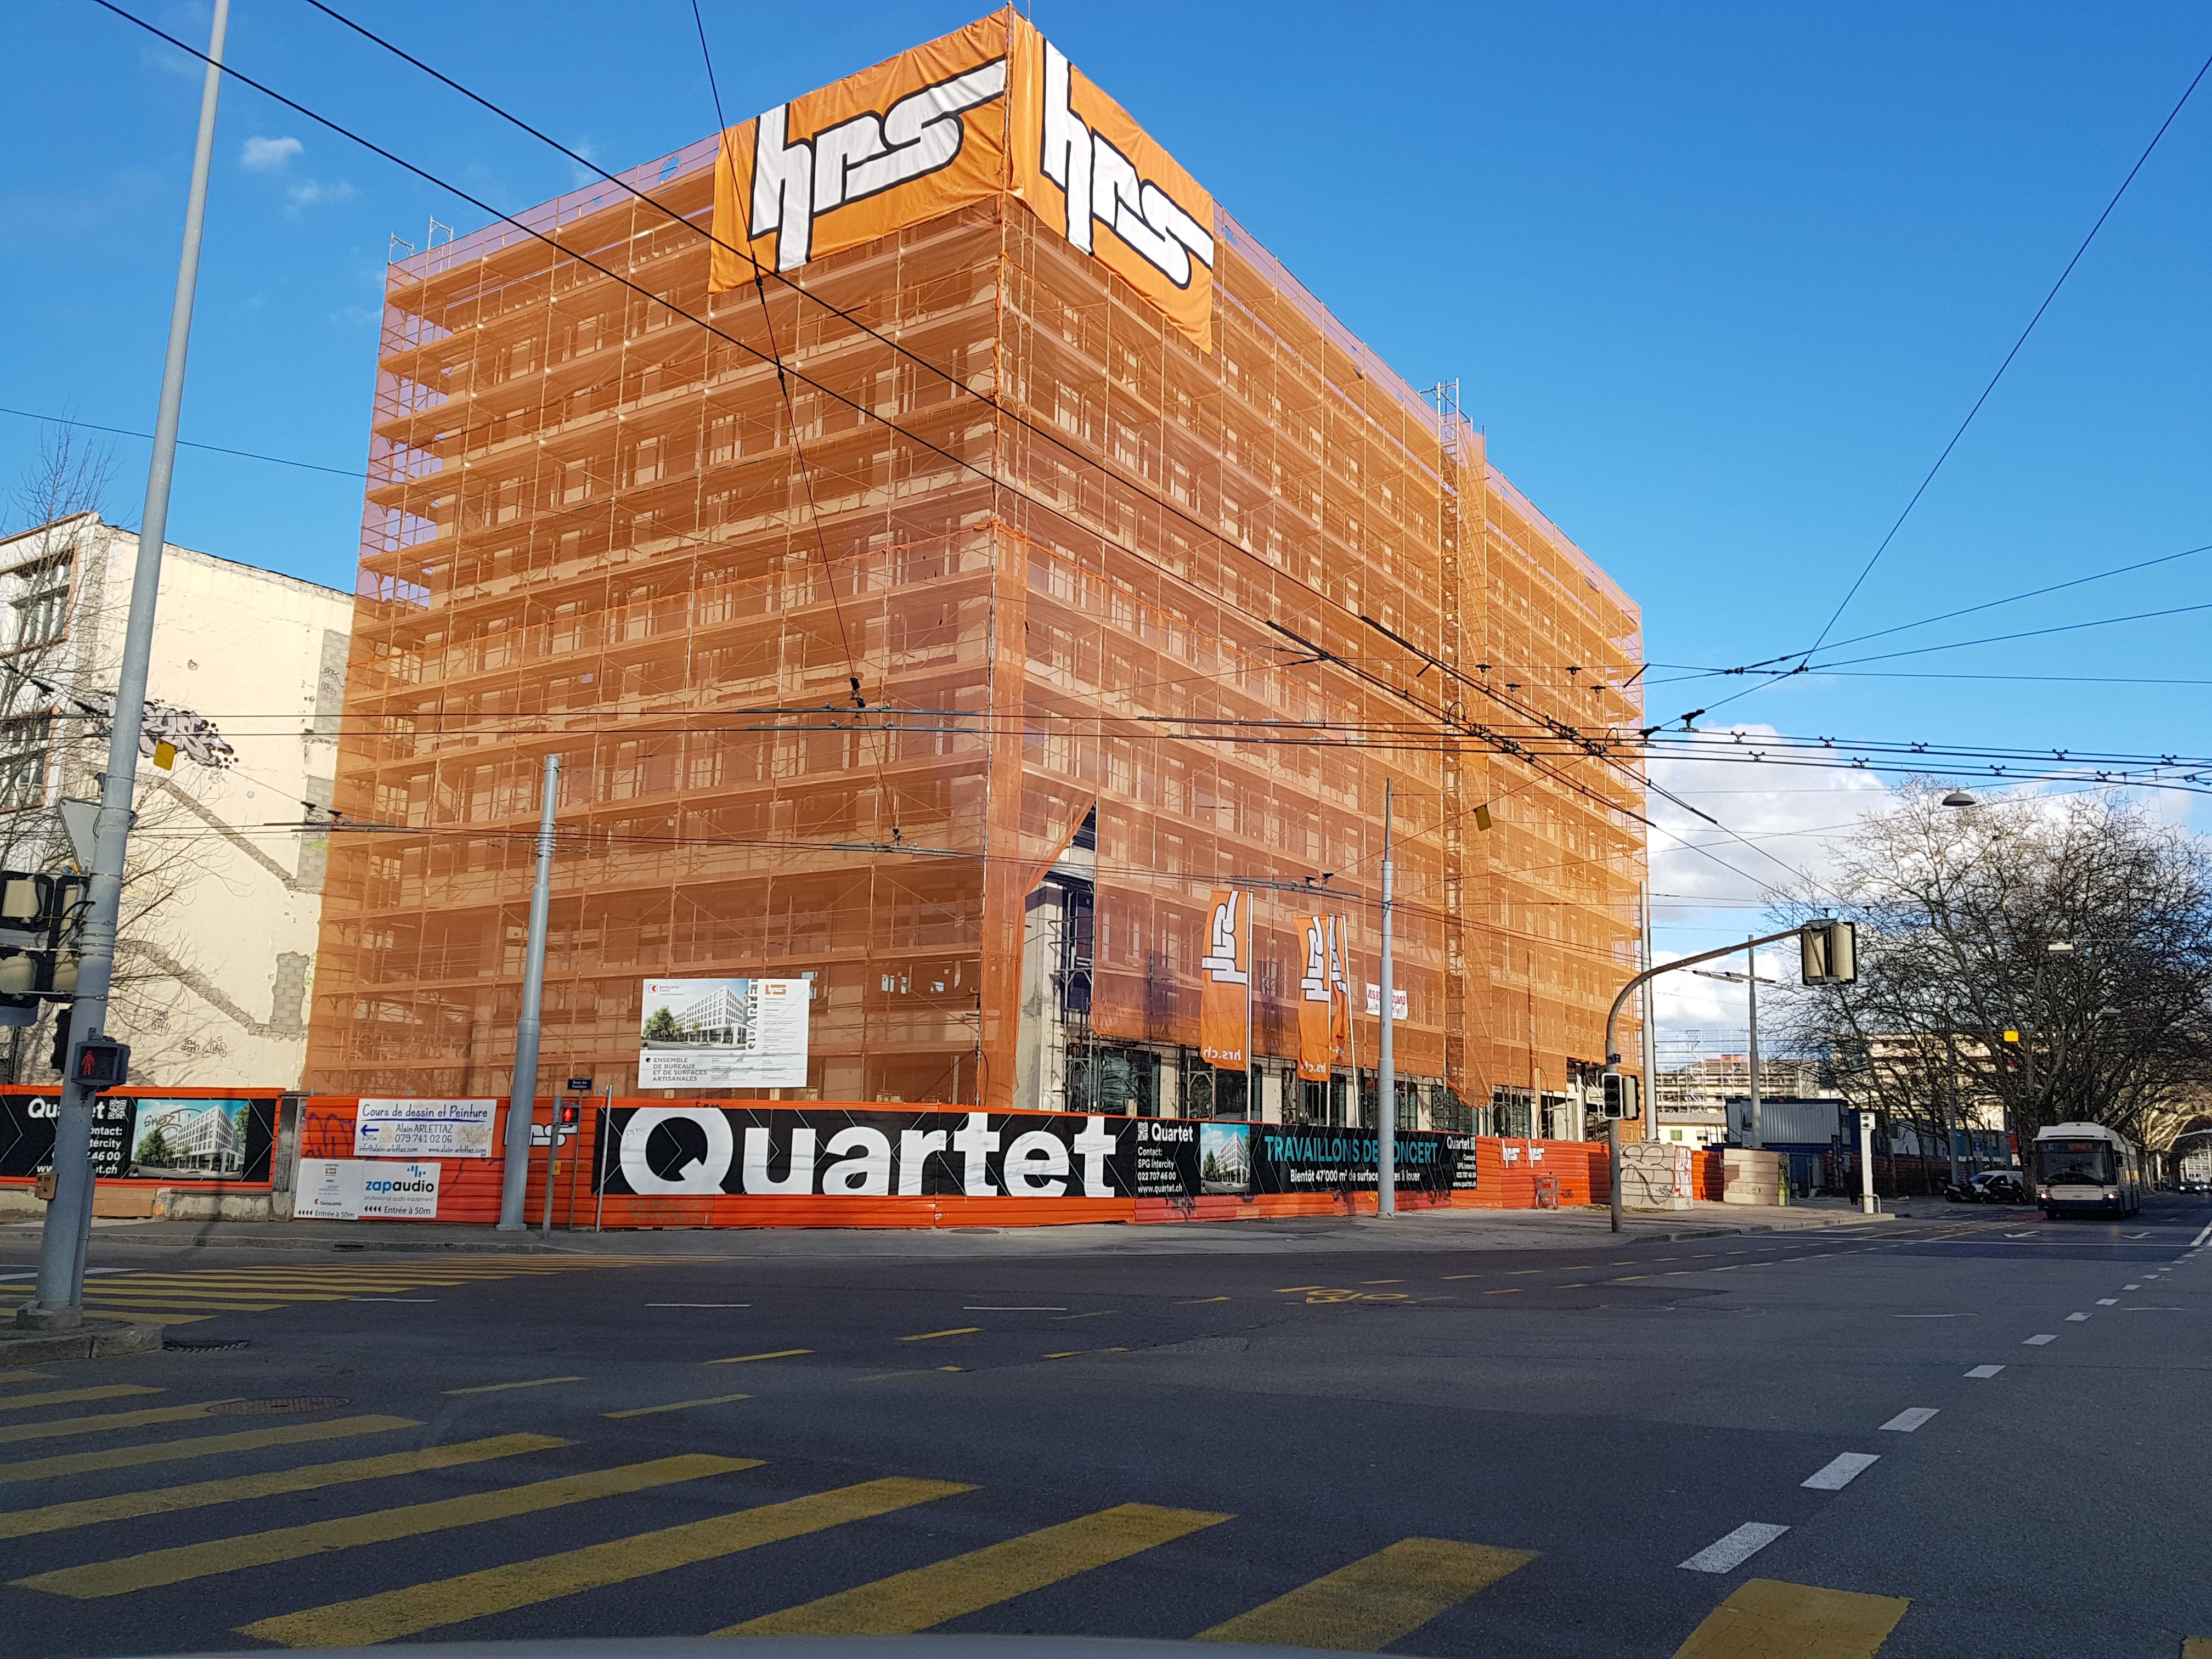 12 nouveaux immeubles soit 382 logements raccordés au réseau naxoo